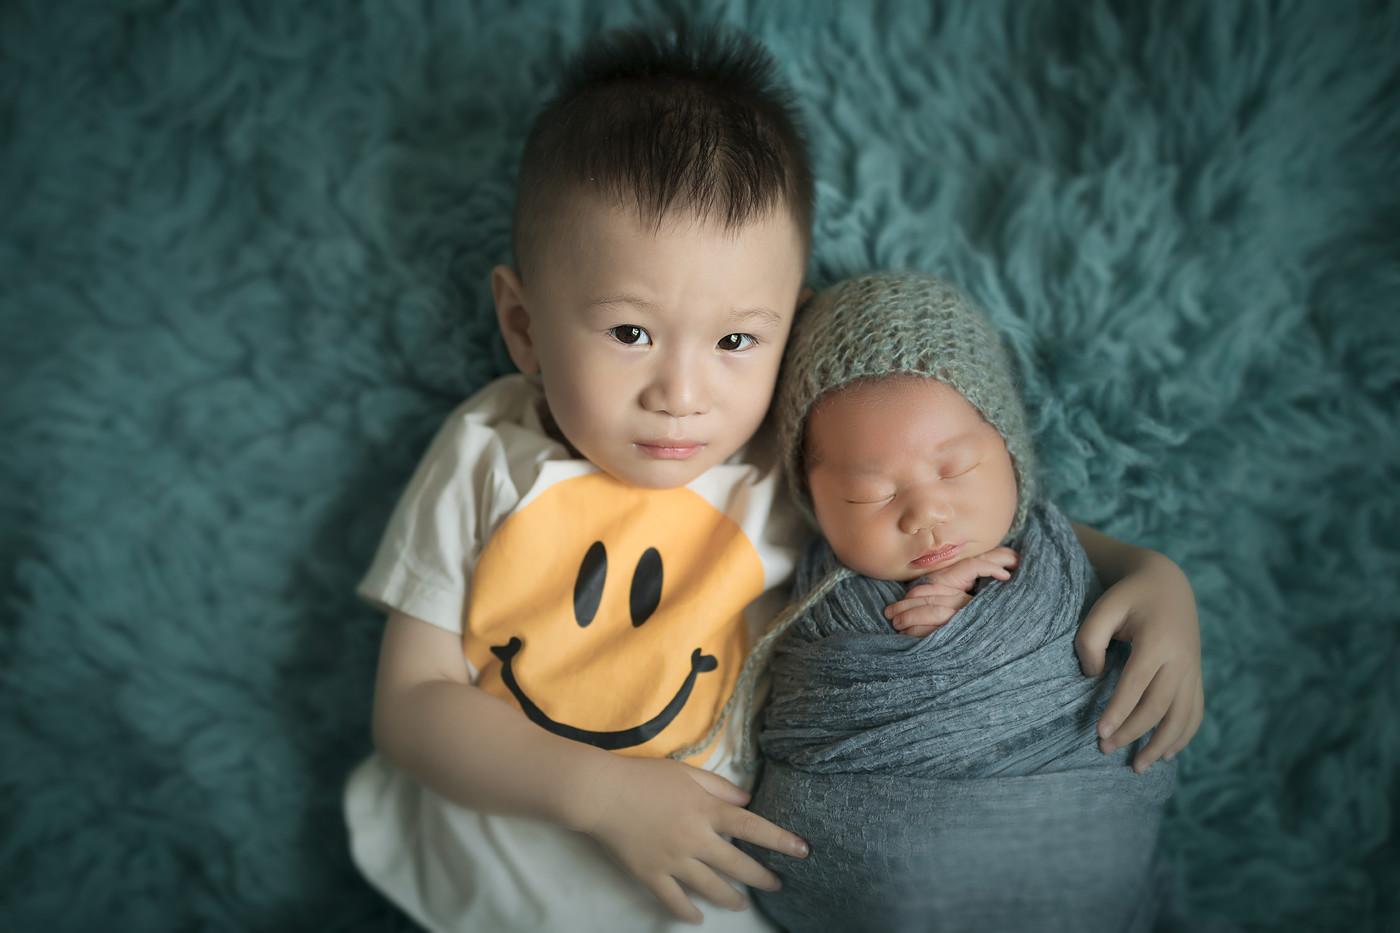 #我有两个帅气的儿子#二宝13天0